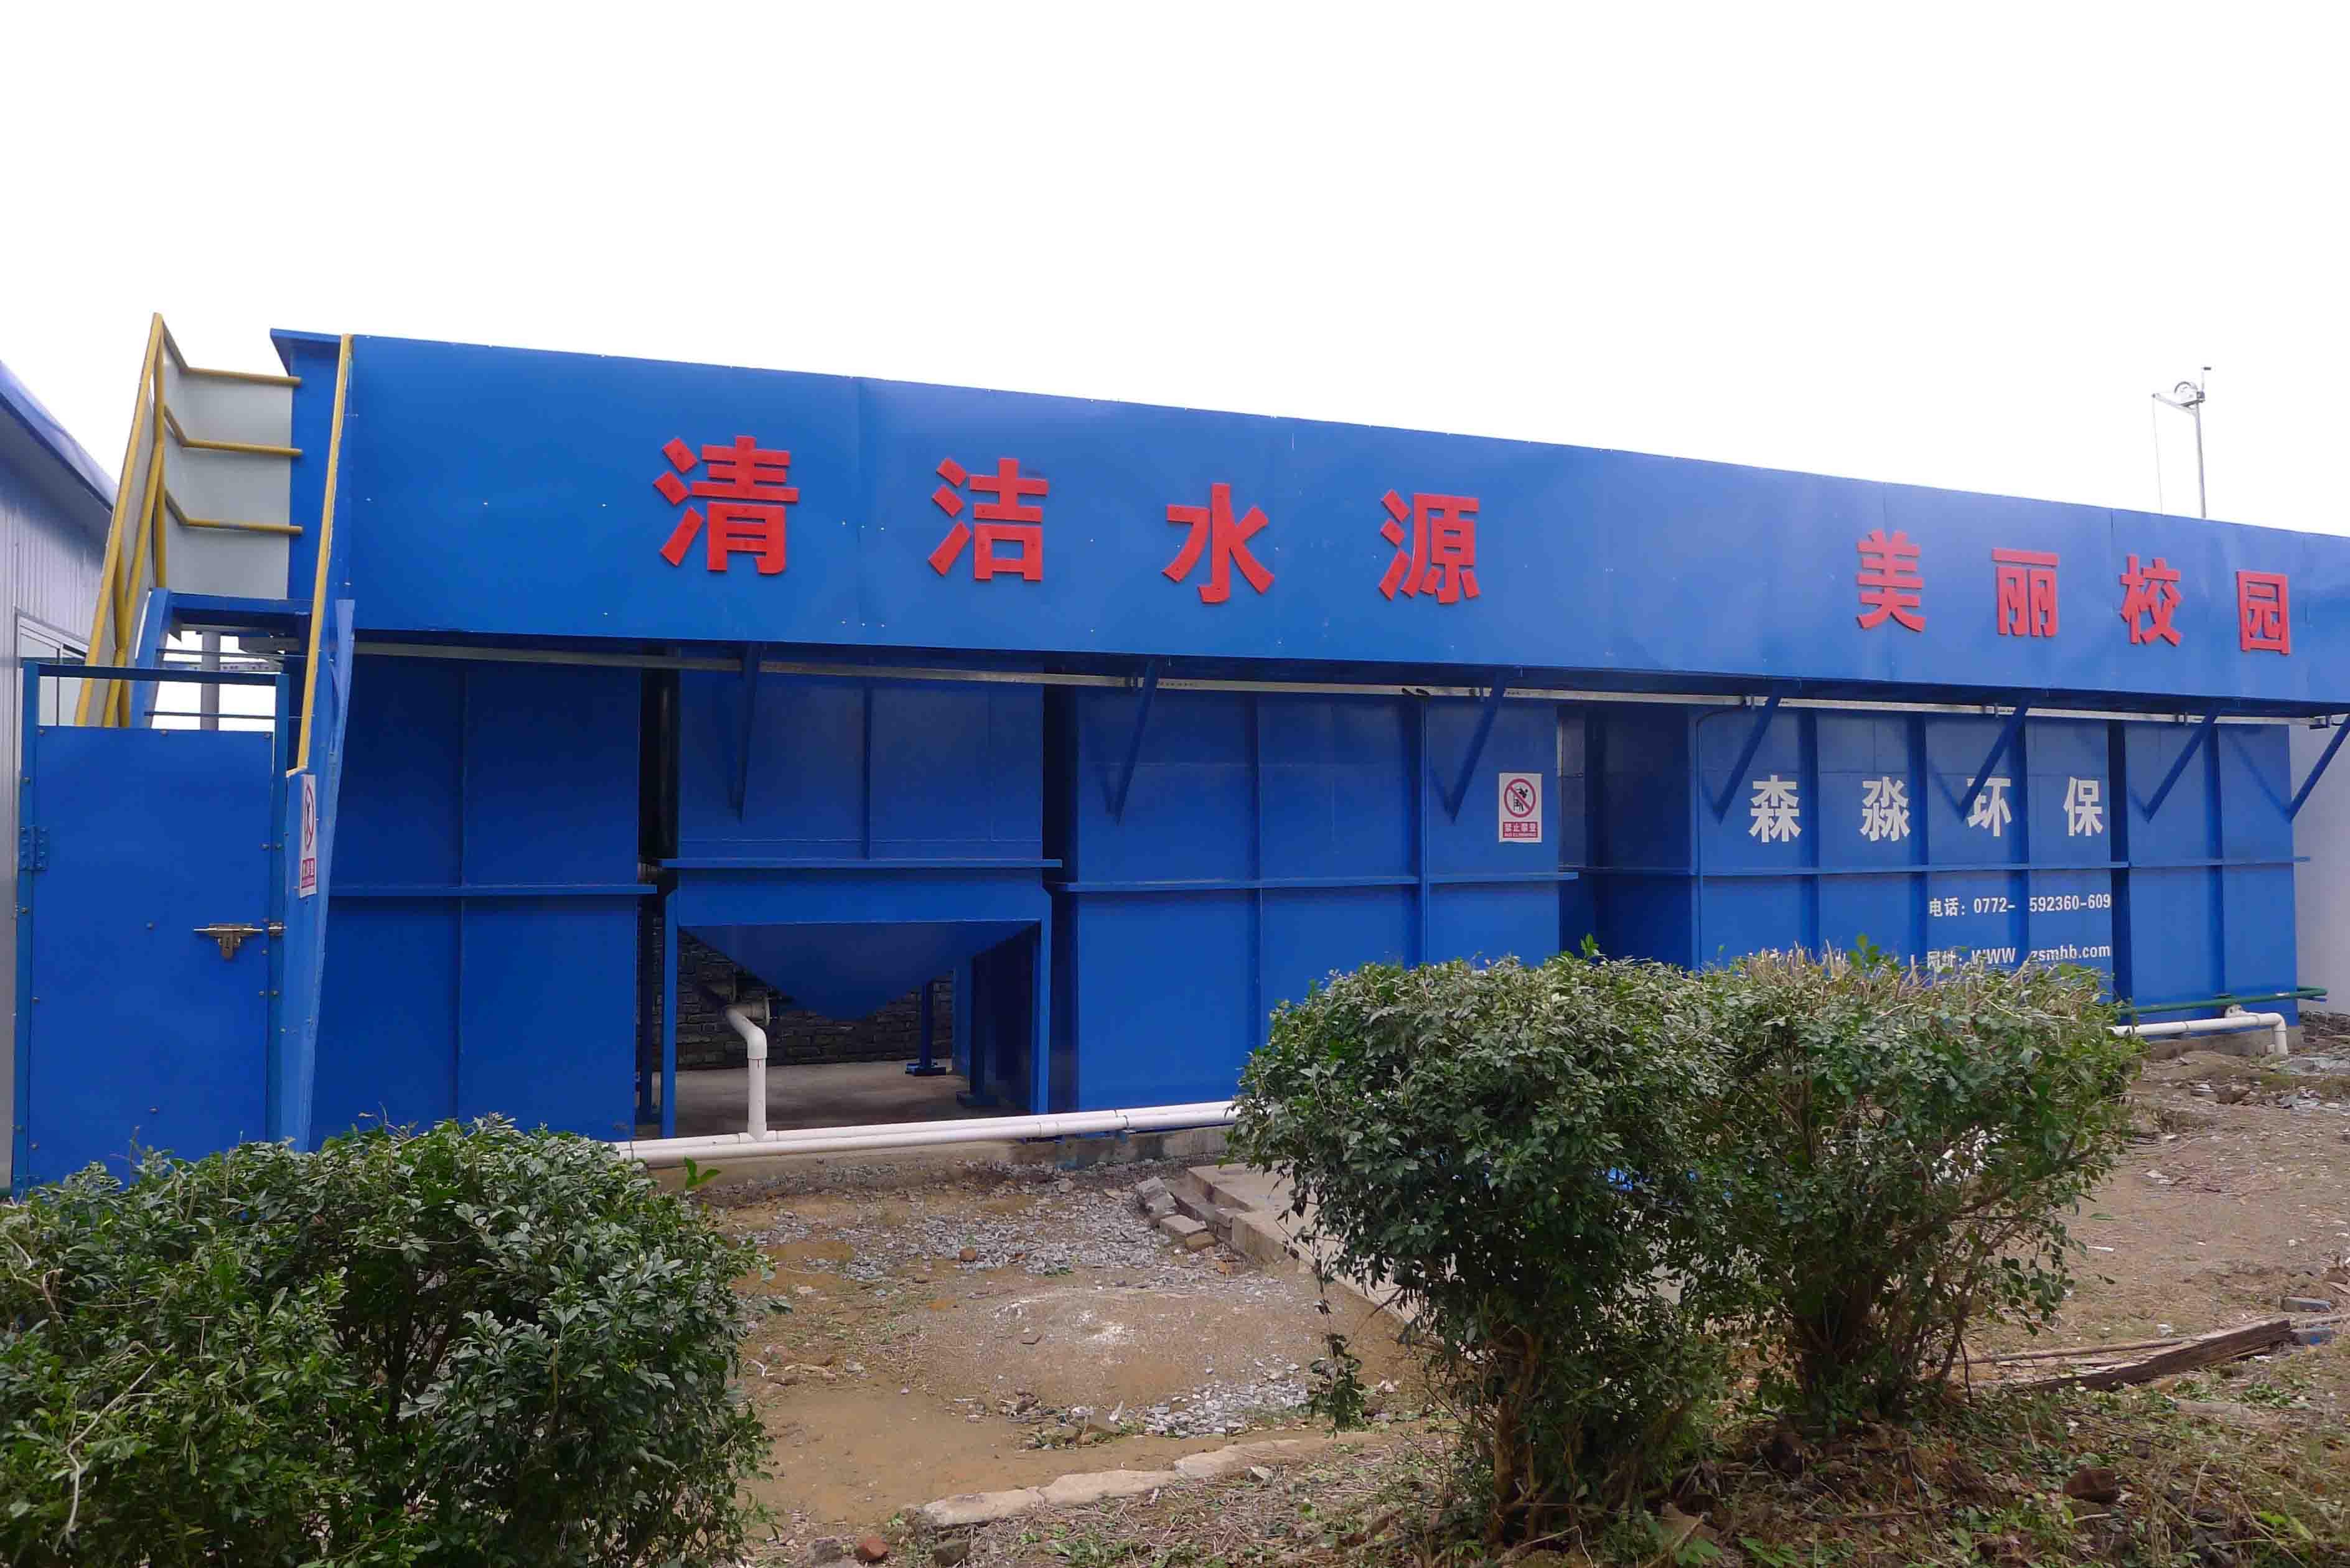 柳州市雒容镇第二中学项目|工程案例-广西森淼环保科技有限公司